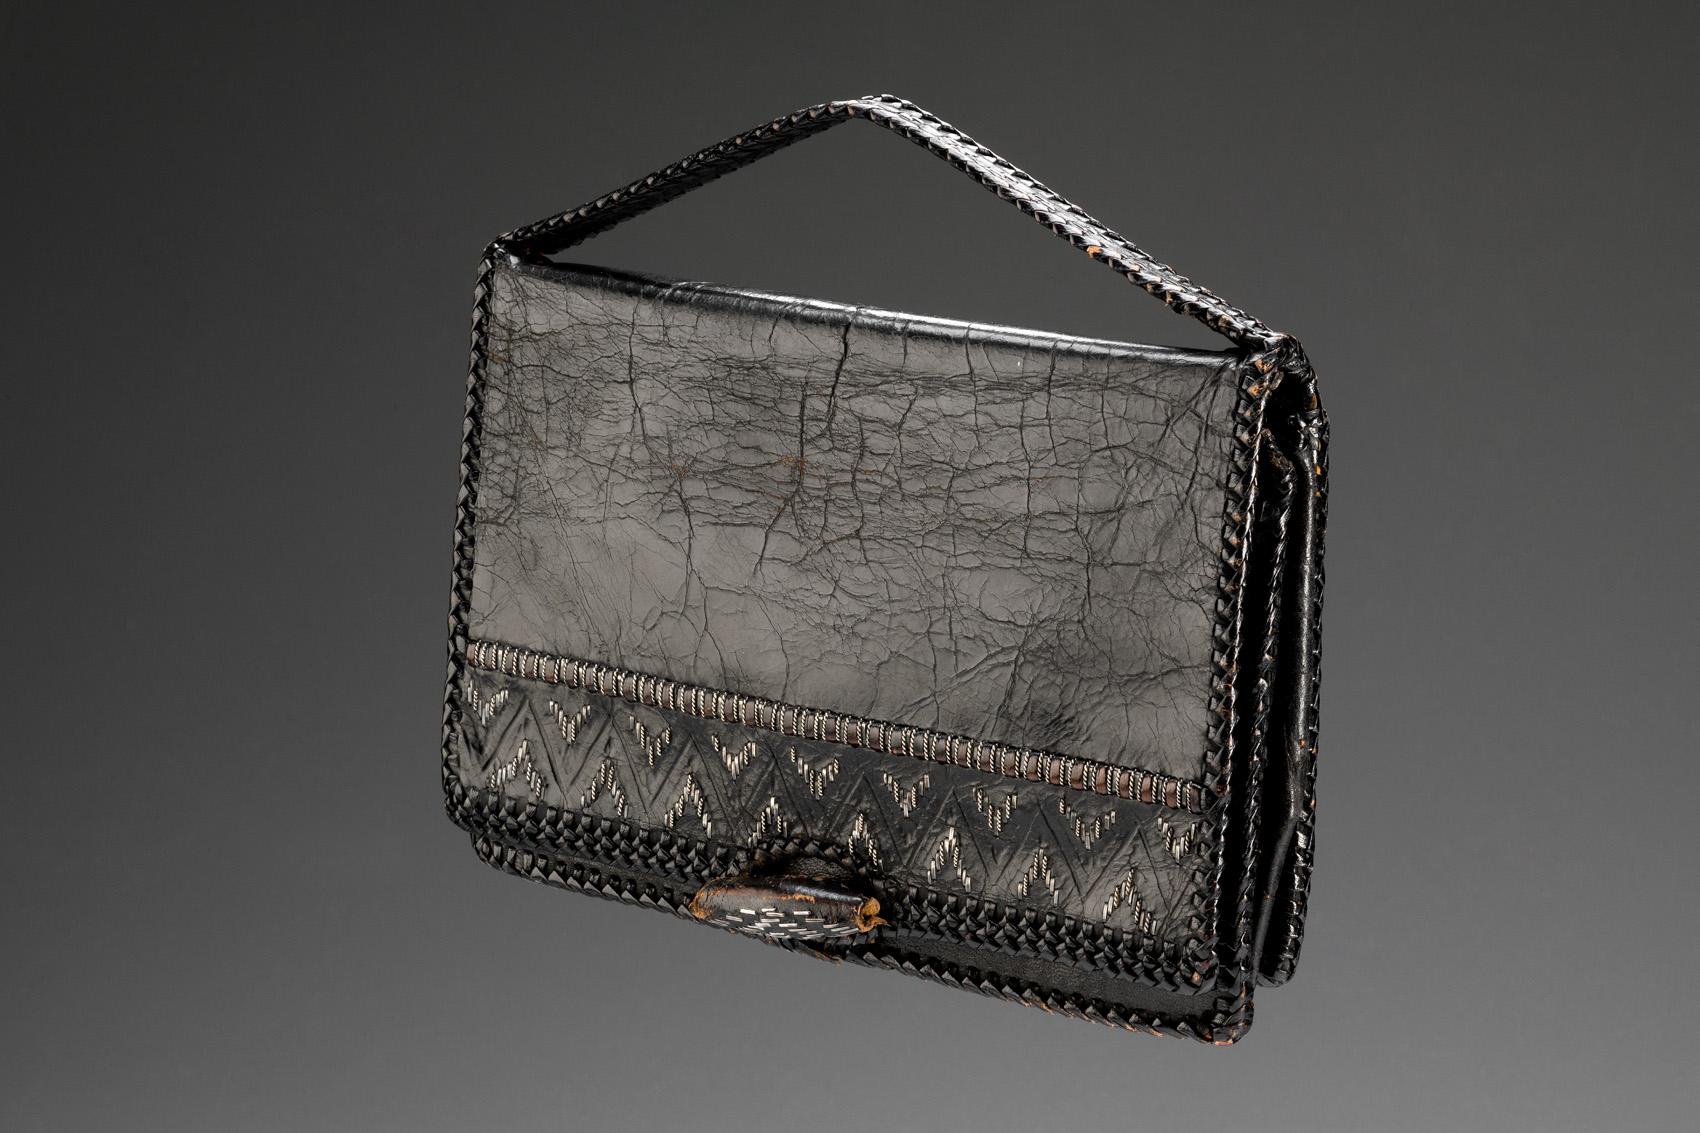 Černá obdélníková kabelka do ruky s černou výšivkou